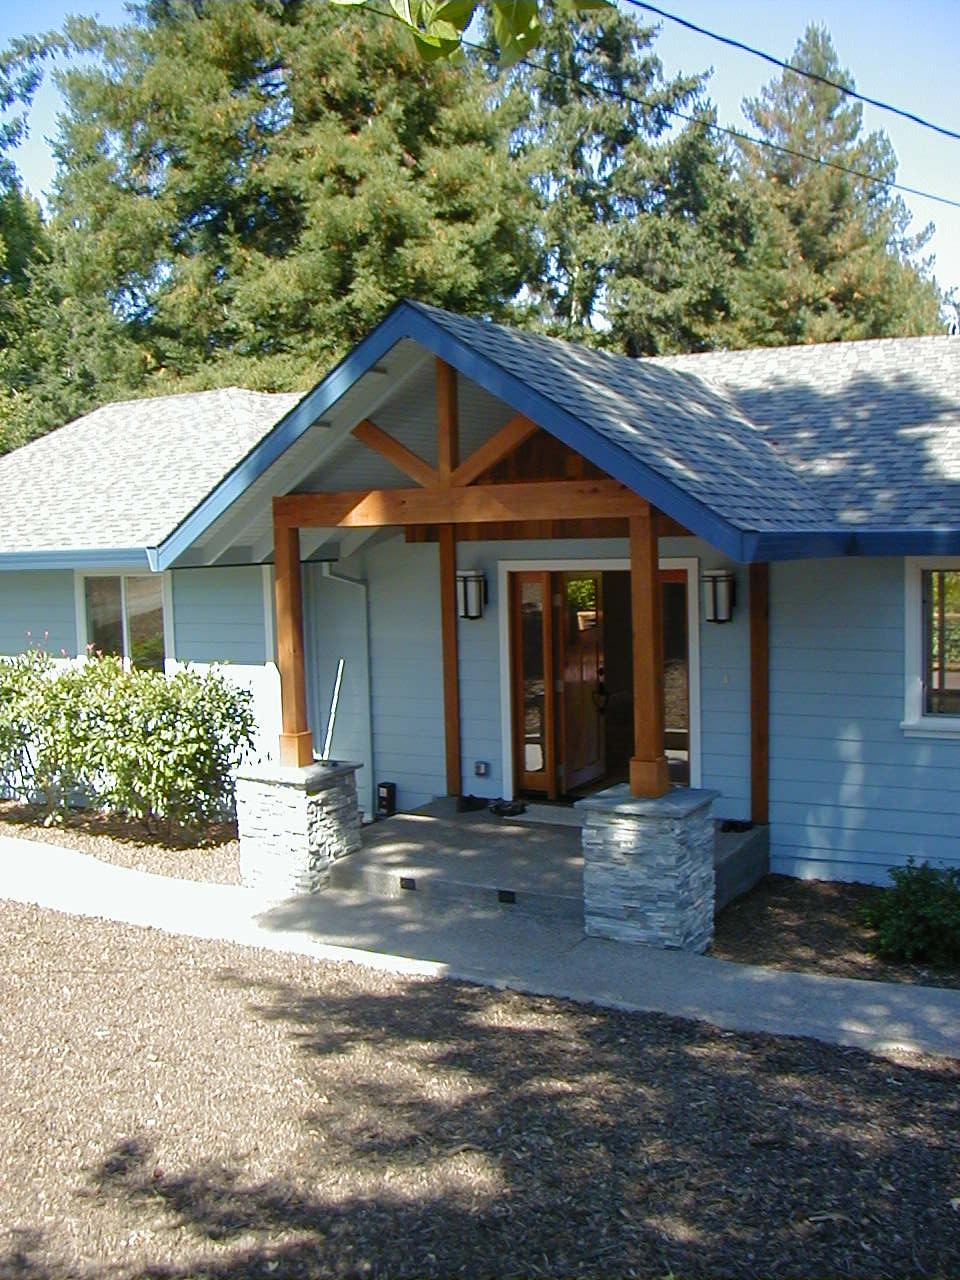 Residence in Sebastopol, CA